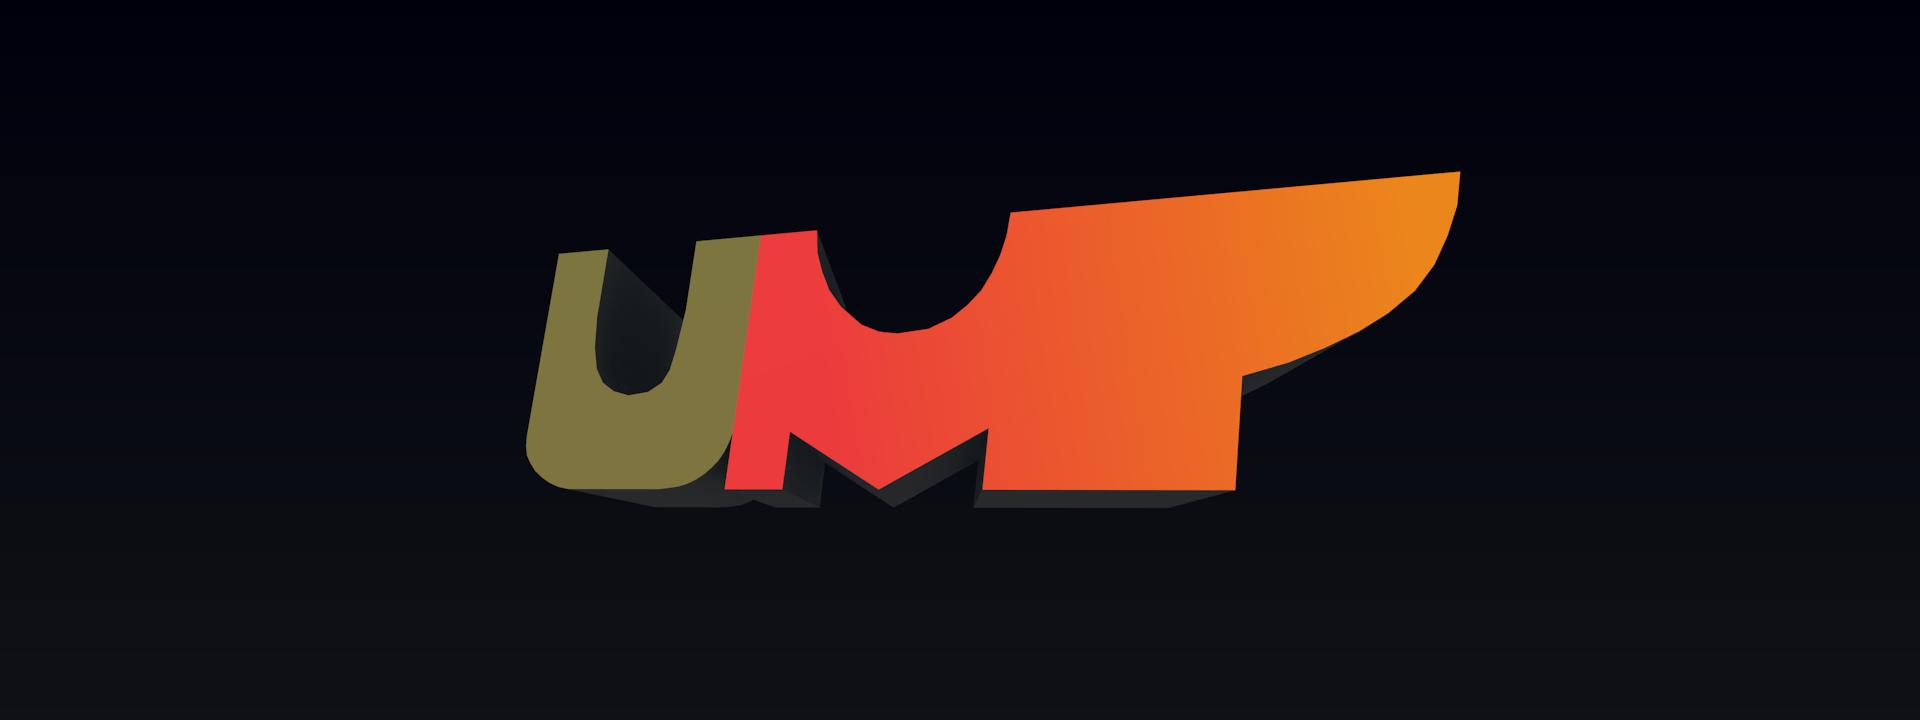 UMP Early Alpha